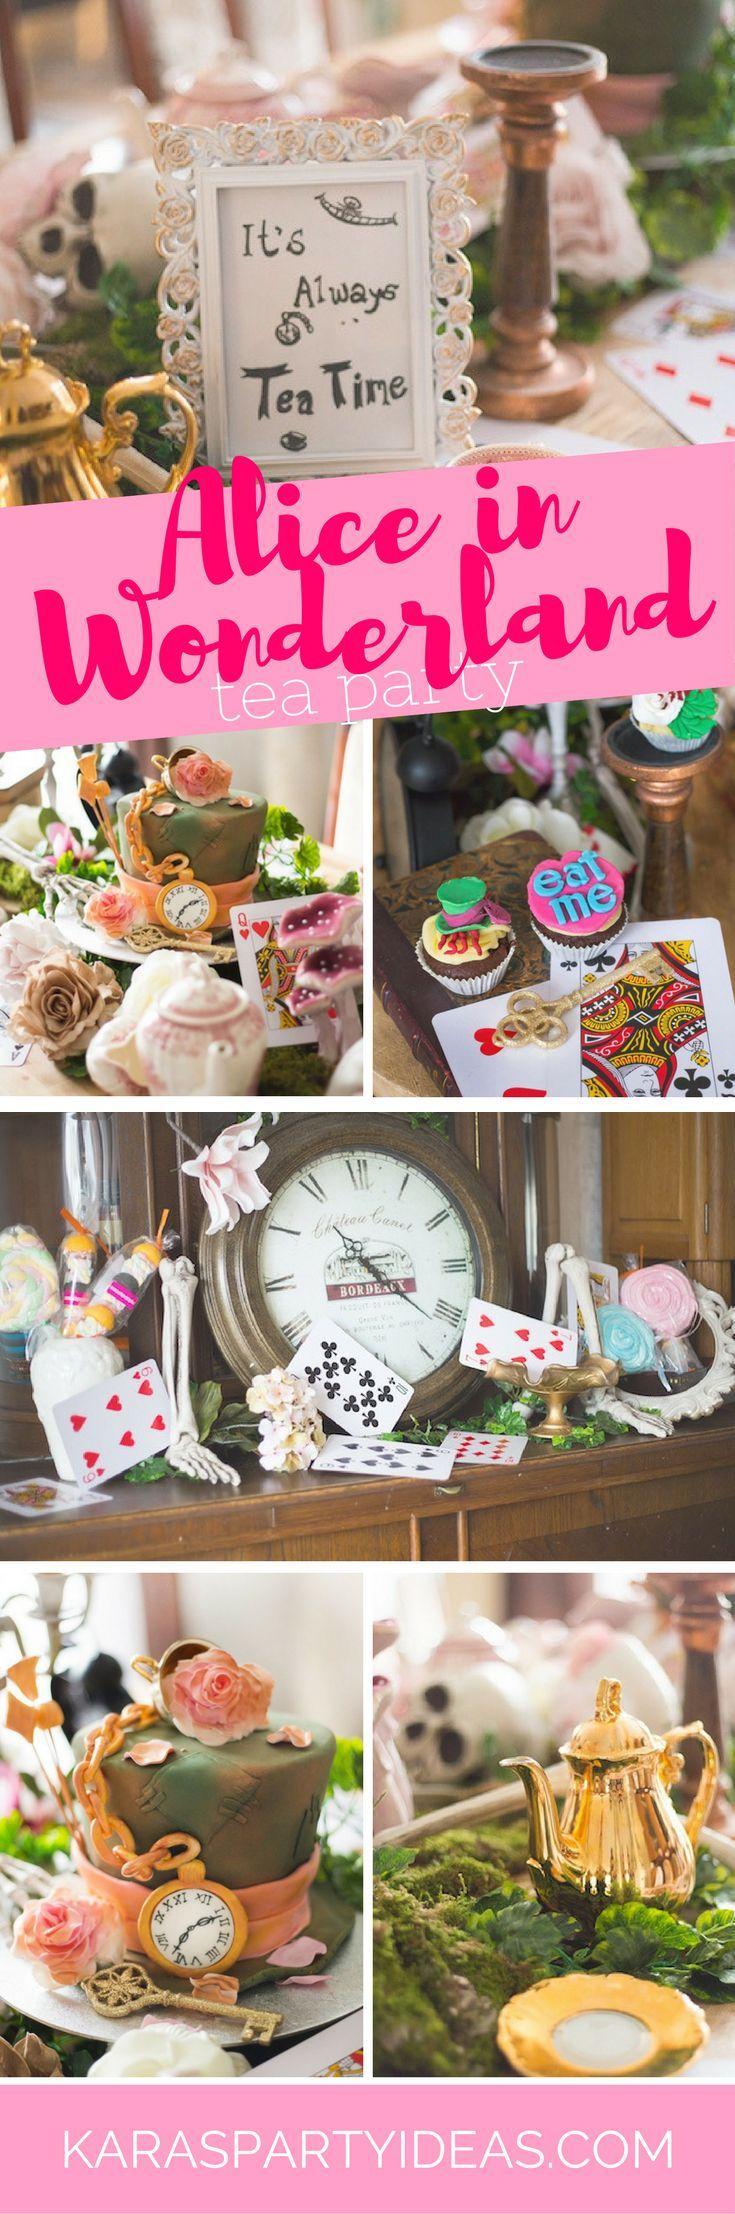 Alice in Wonderland Tea Party | Wunderland, Hutmacher und Teeparty